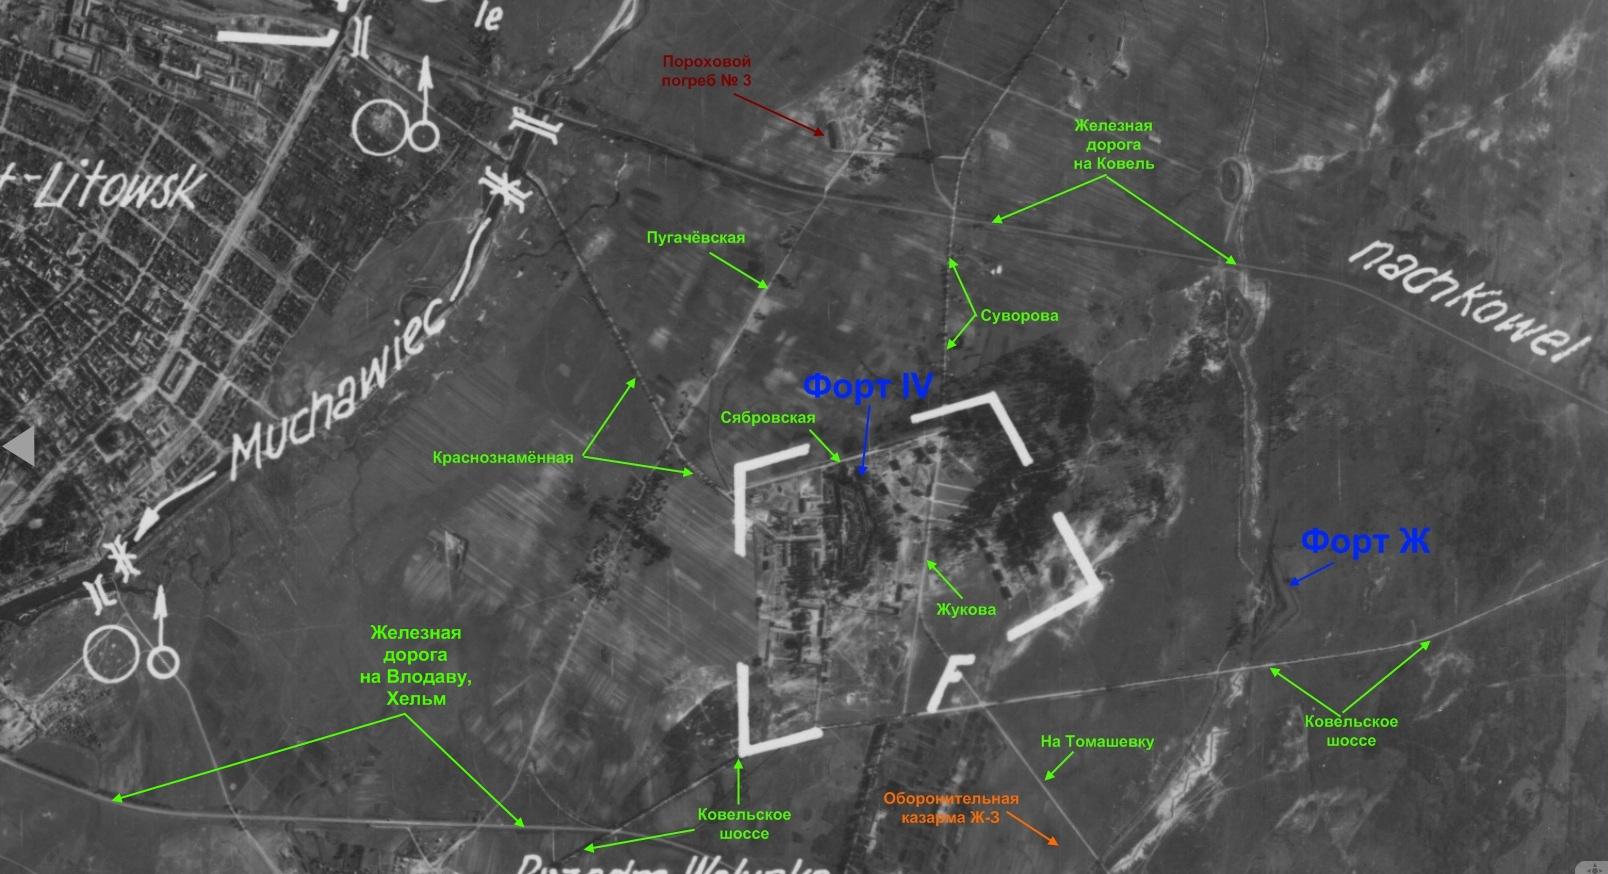 Форты Брестской крепости на старых картах с привязкой к современной местности